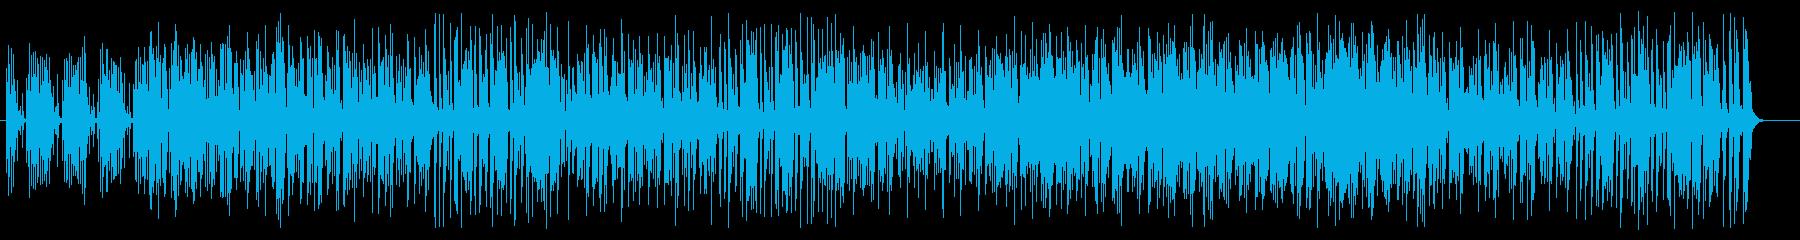 甘く切ないレゲエポップの再生済みの波形